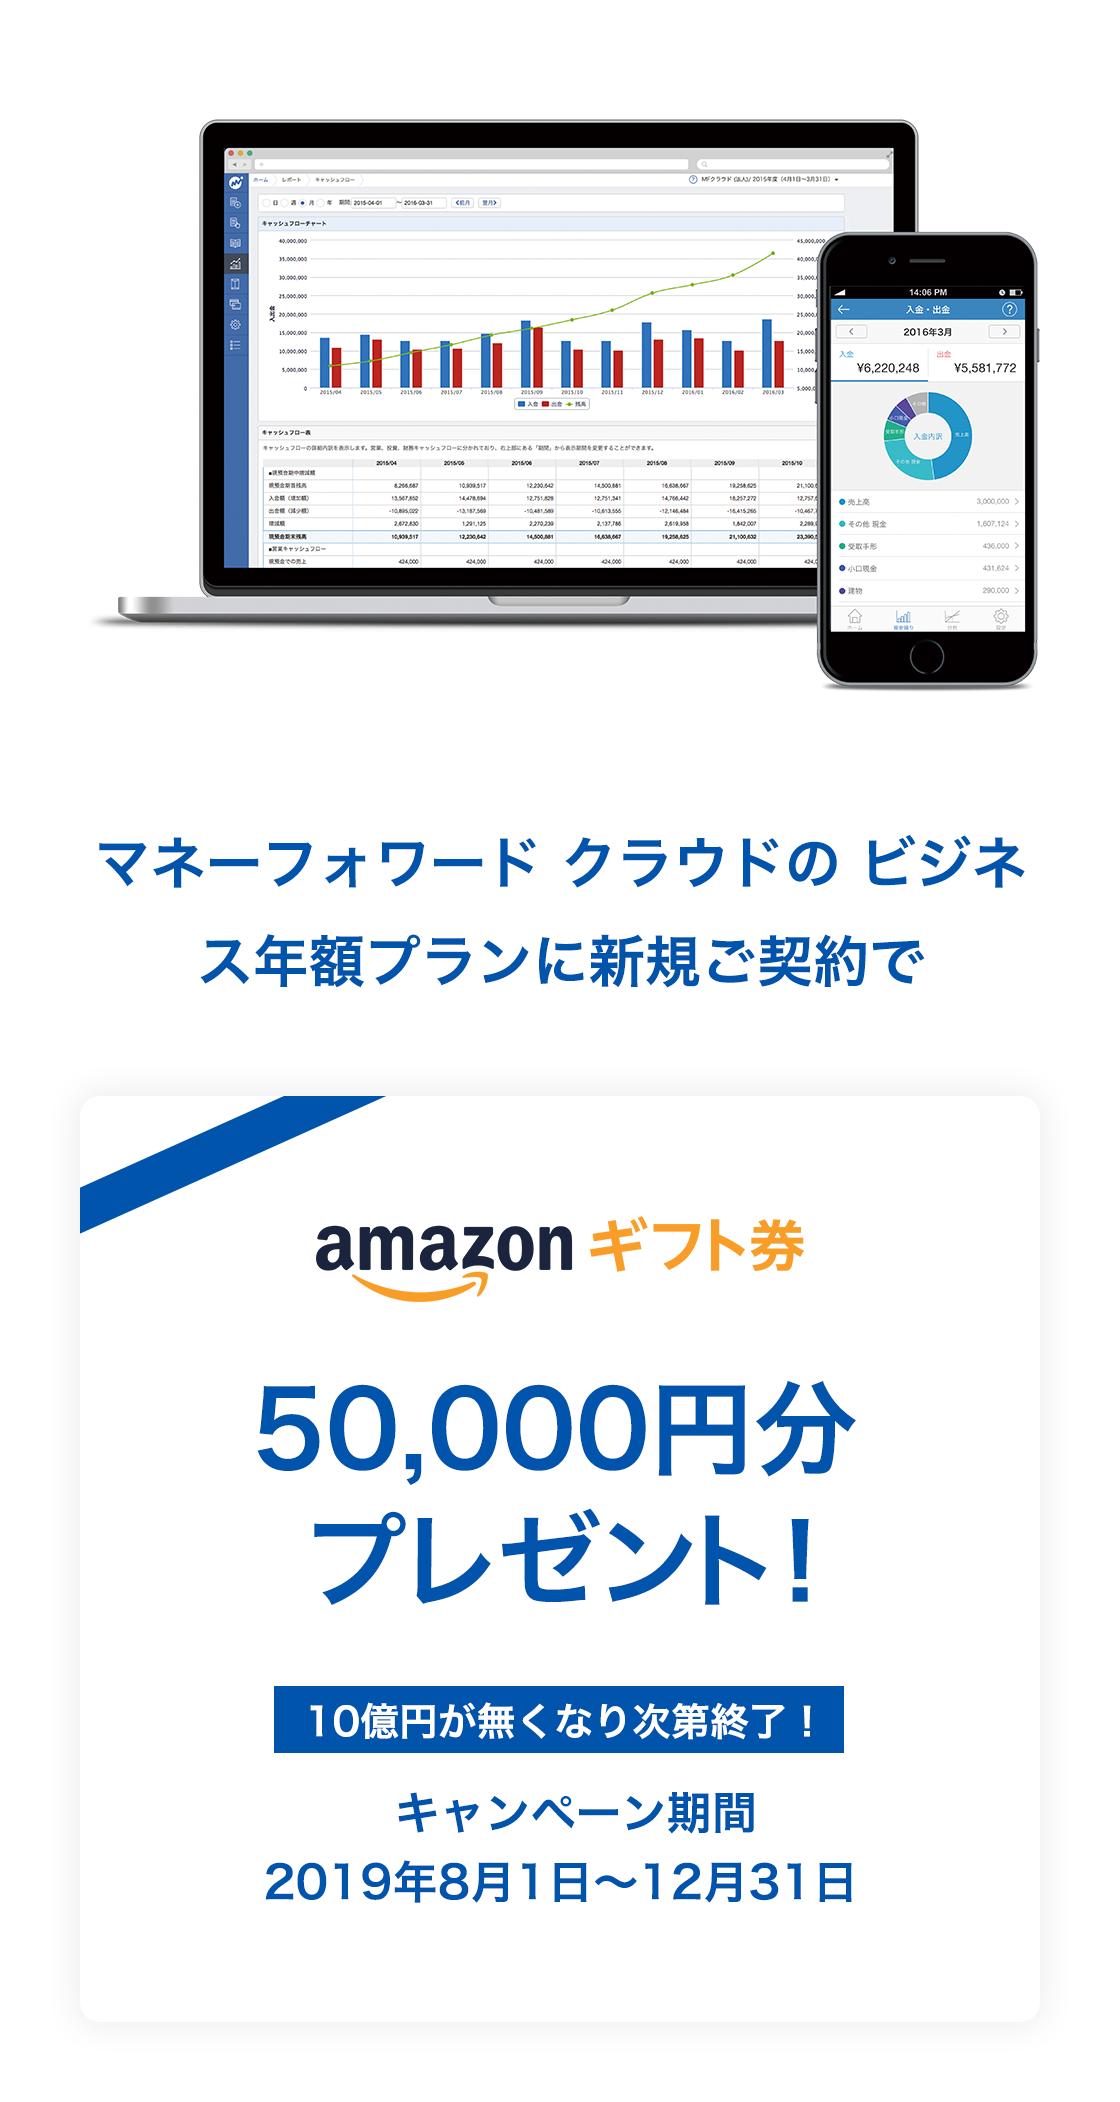 マネーフォワード クラウドのビジネス年額プランの新規ご契約で amazonギフト券 50,000円分プレゼント!